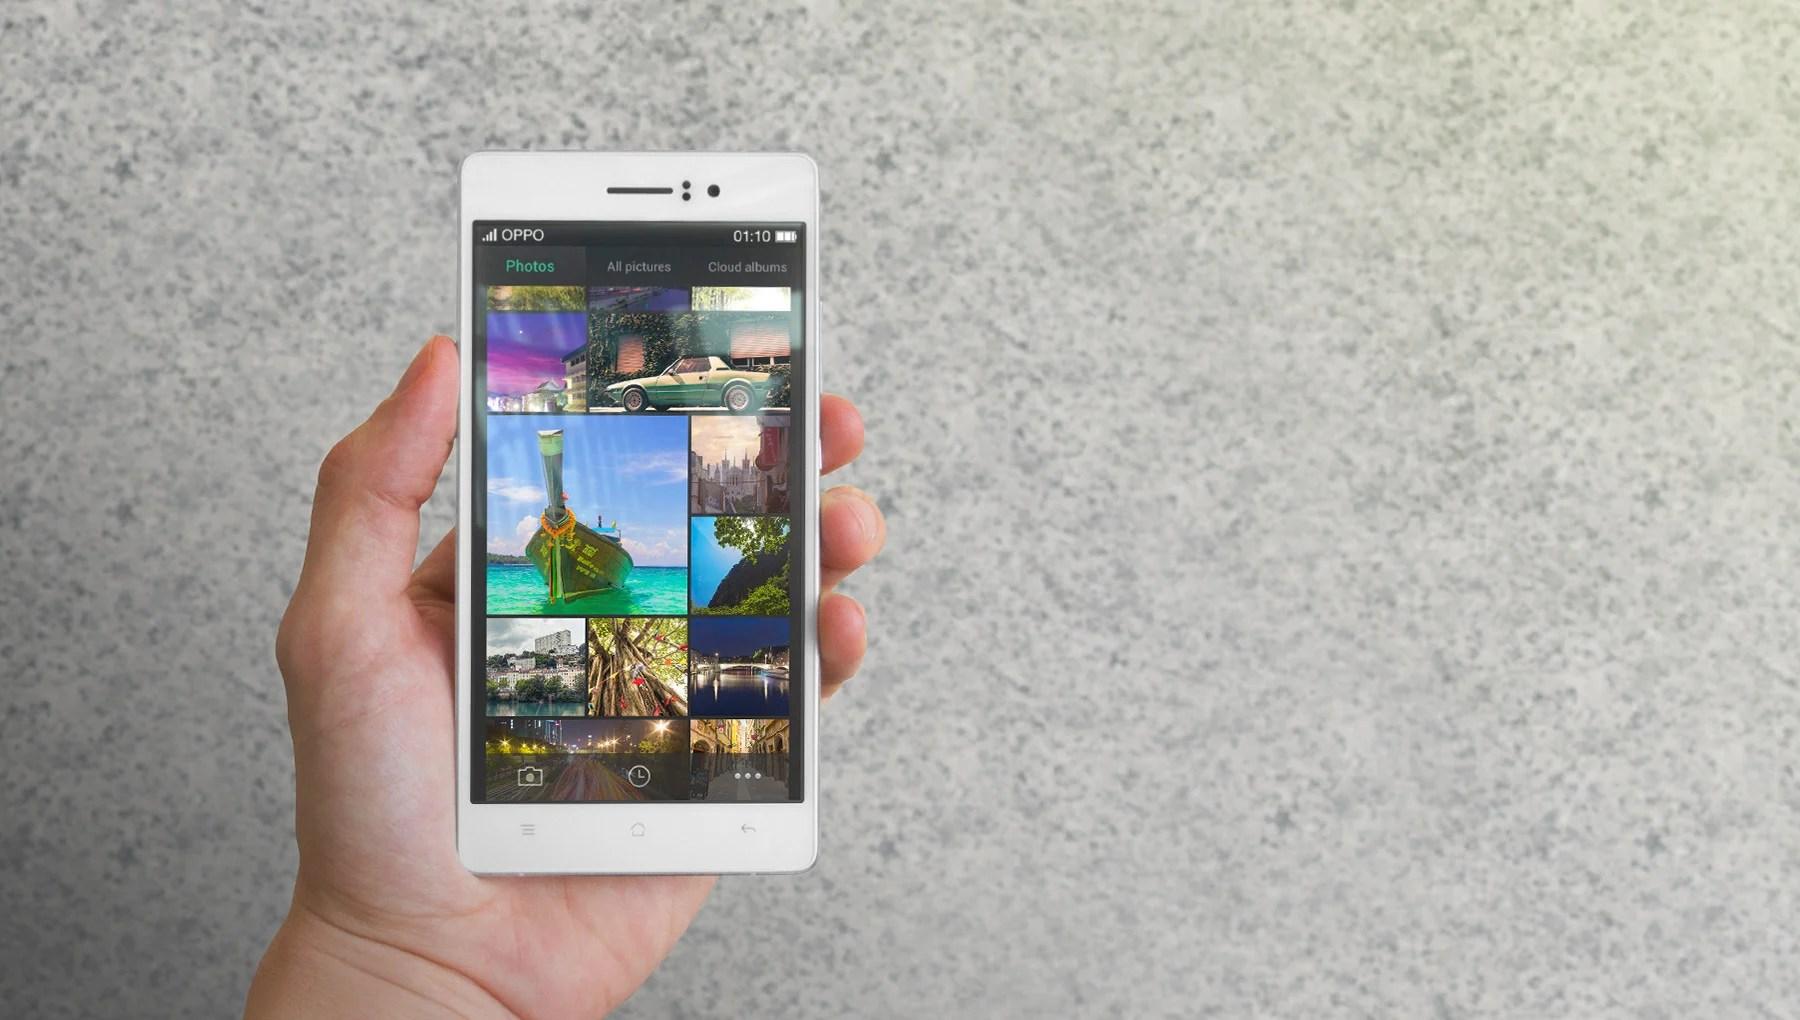 Oppo R5 : c'est lui, le smartphone le plus fin du monde